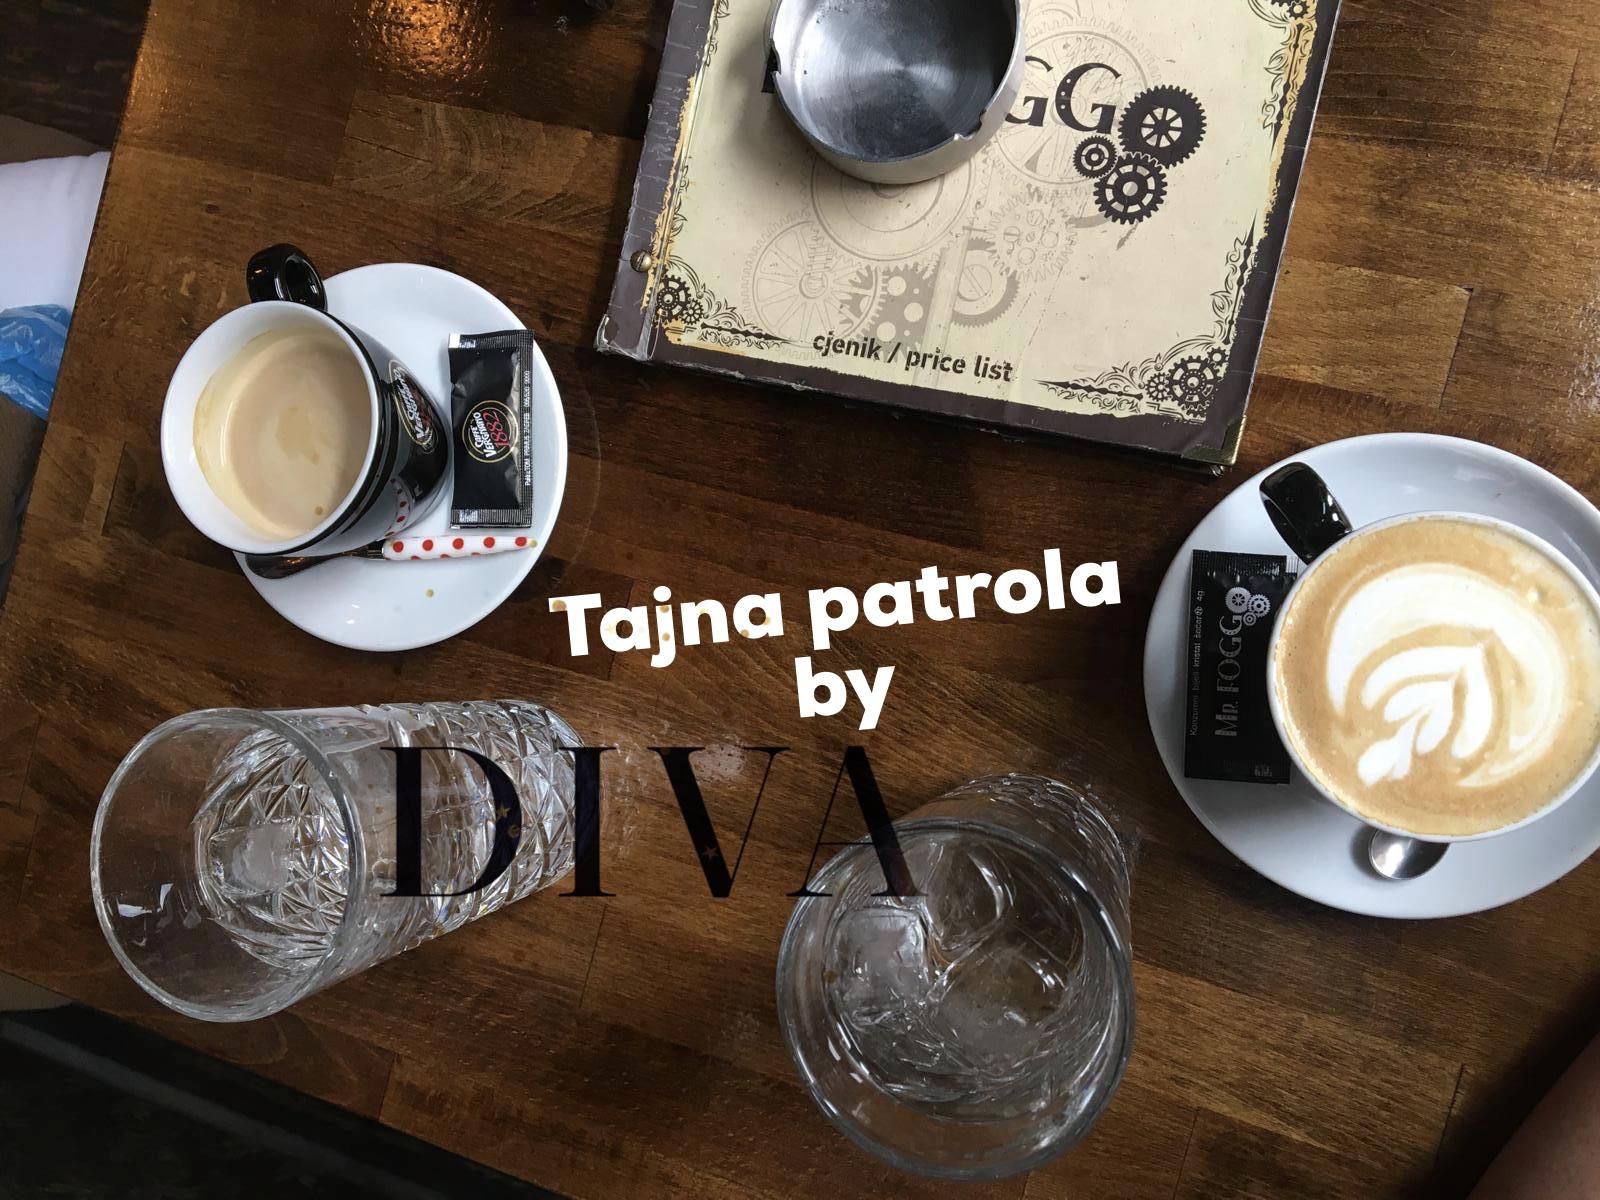 Kava u Mr. Foggu je sjajan omjer cijene i kvalitete, a interijer je skroz neobičan i cool